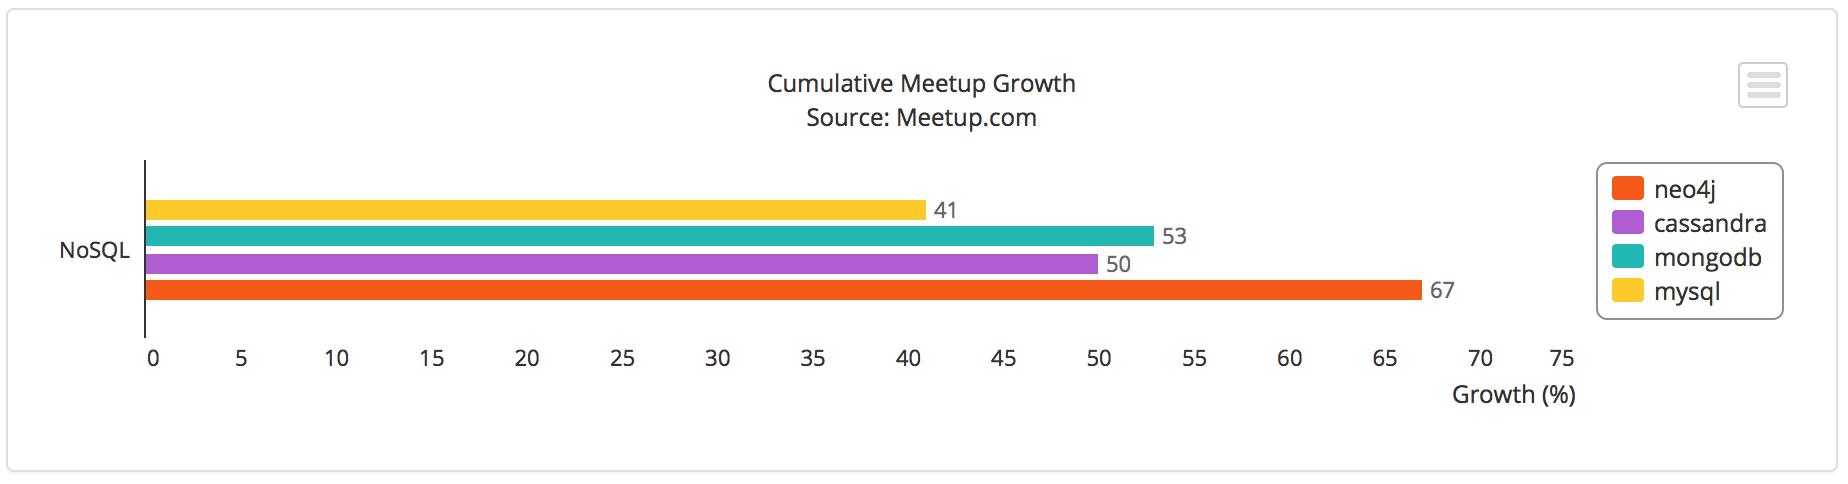 Cumulative Meetup Tag Growth